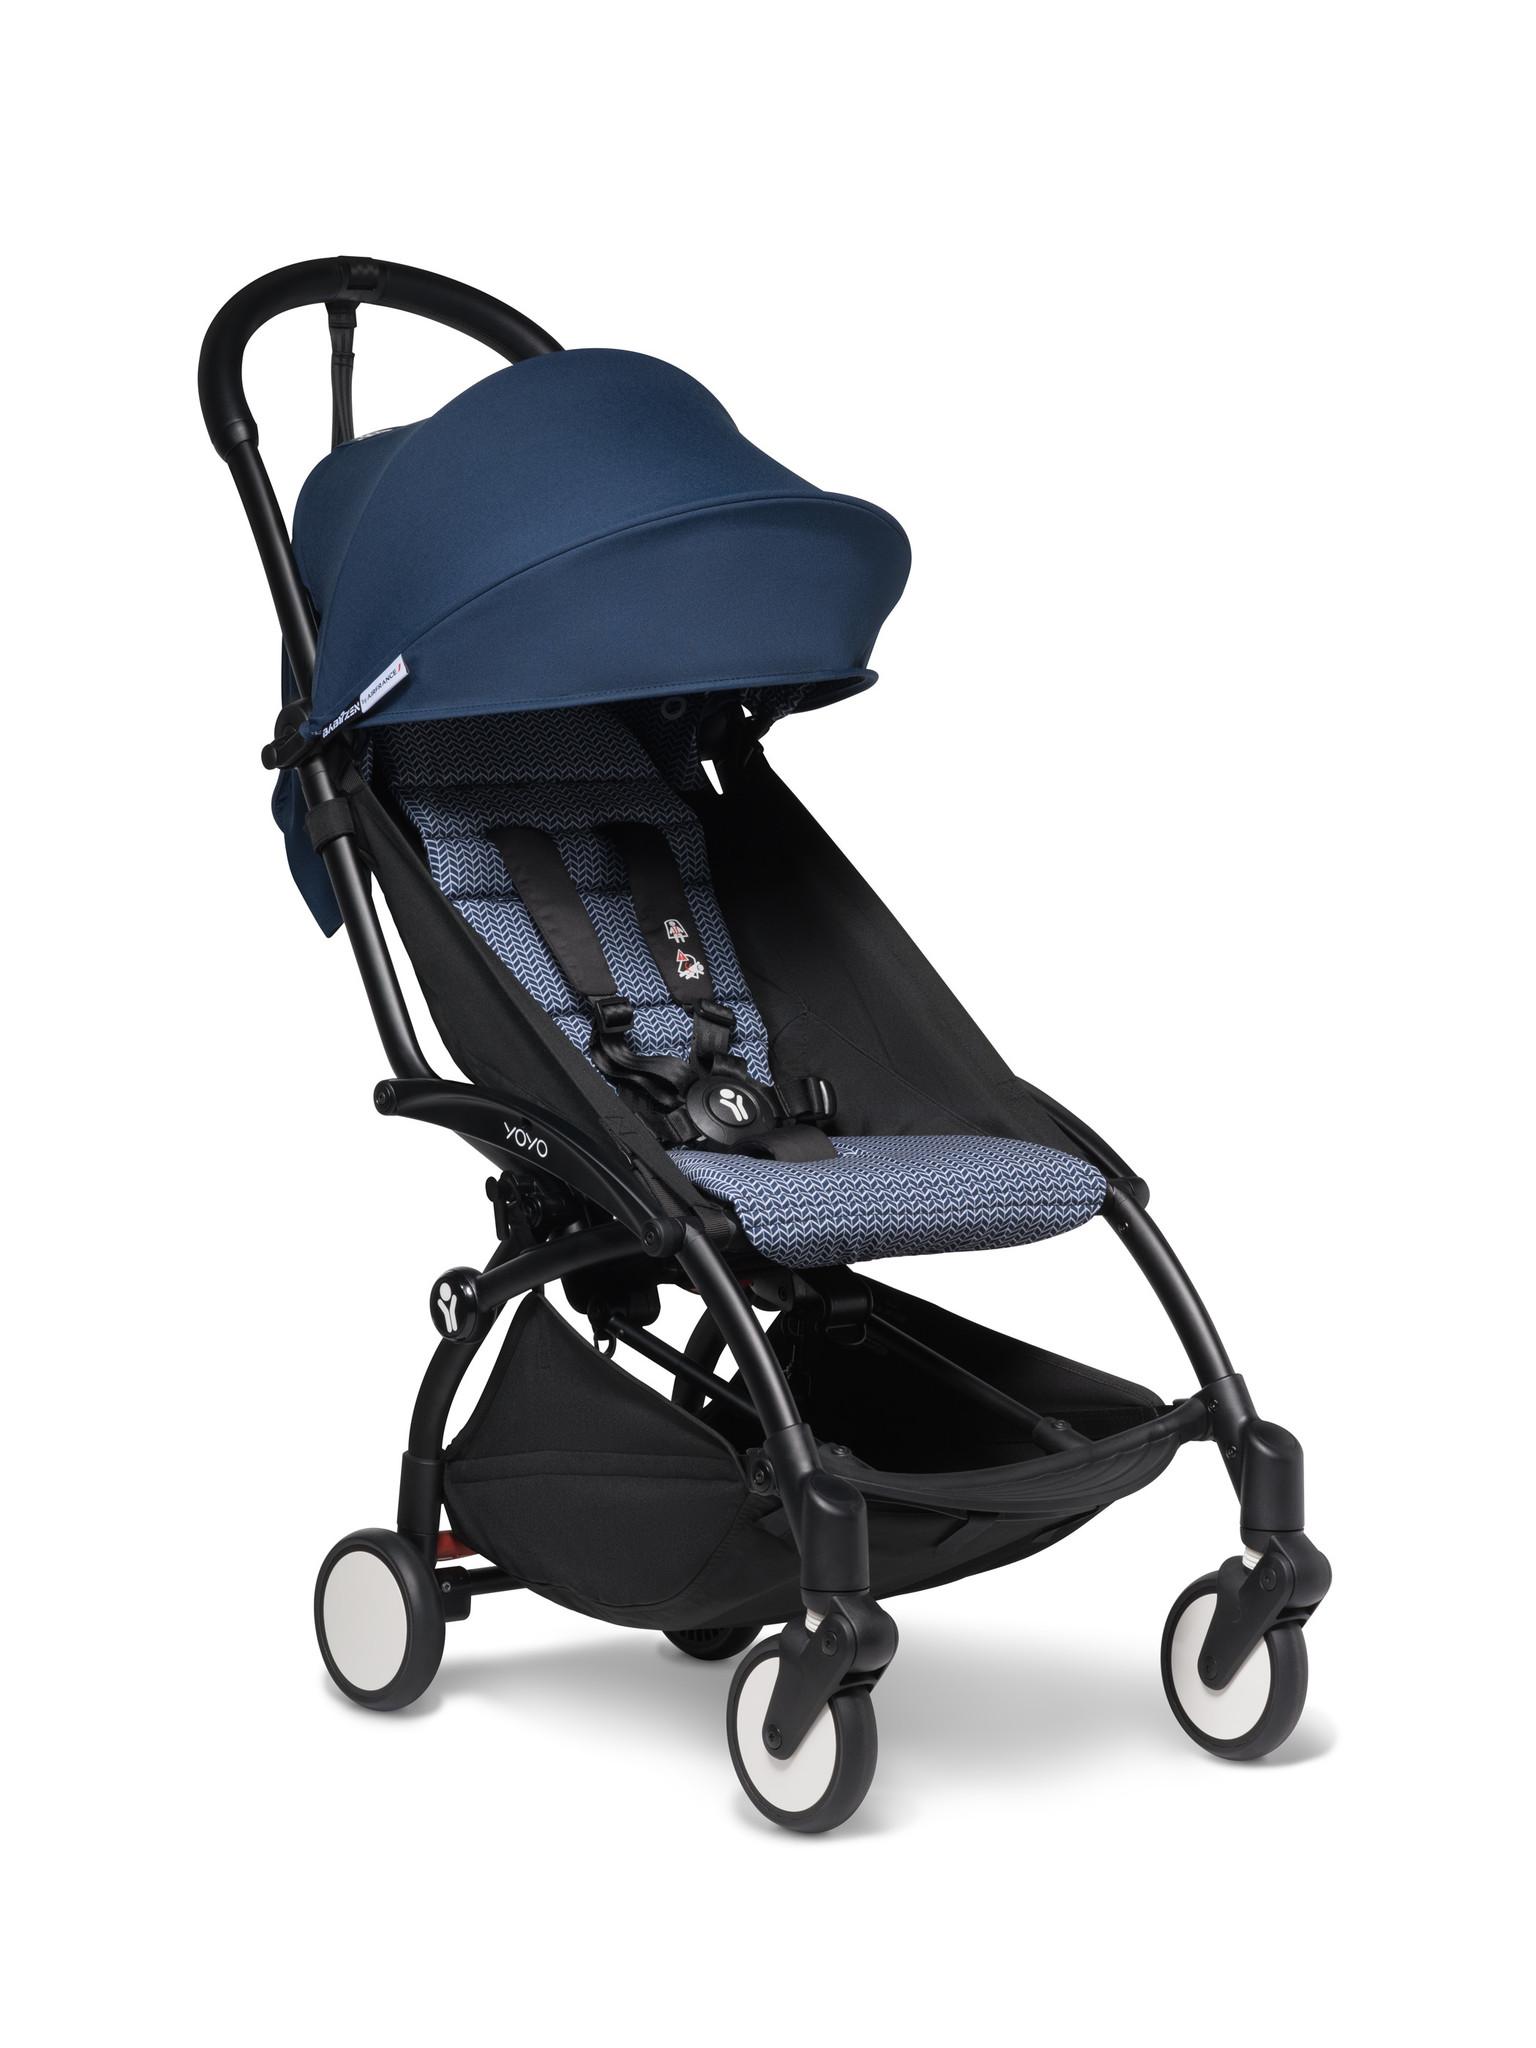 Babyzen Babyzen YOYO² Buggy ab 6 Monaten inklusive Beinstütze - AirFrance mit schwarzem Rahmen